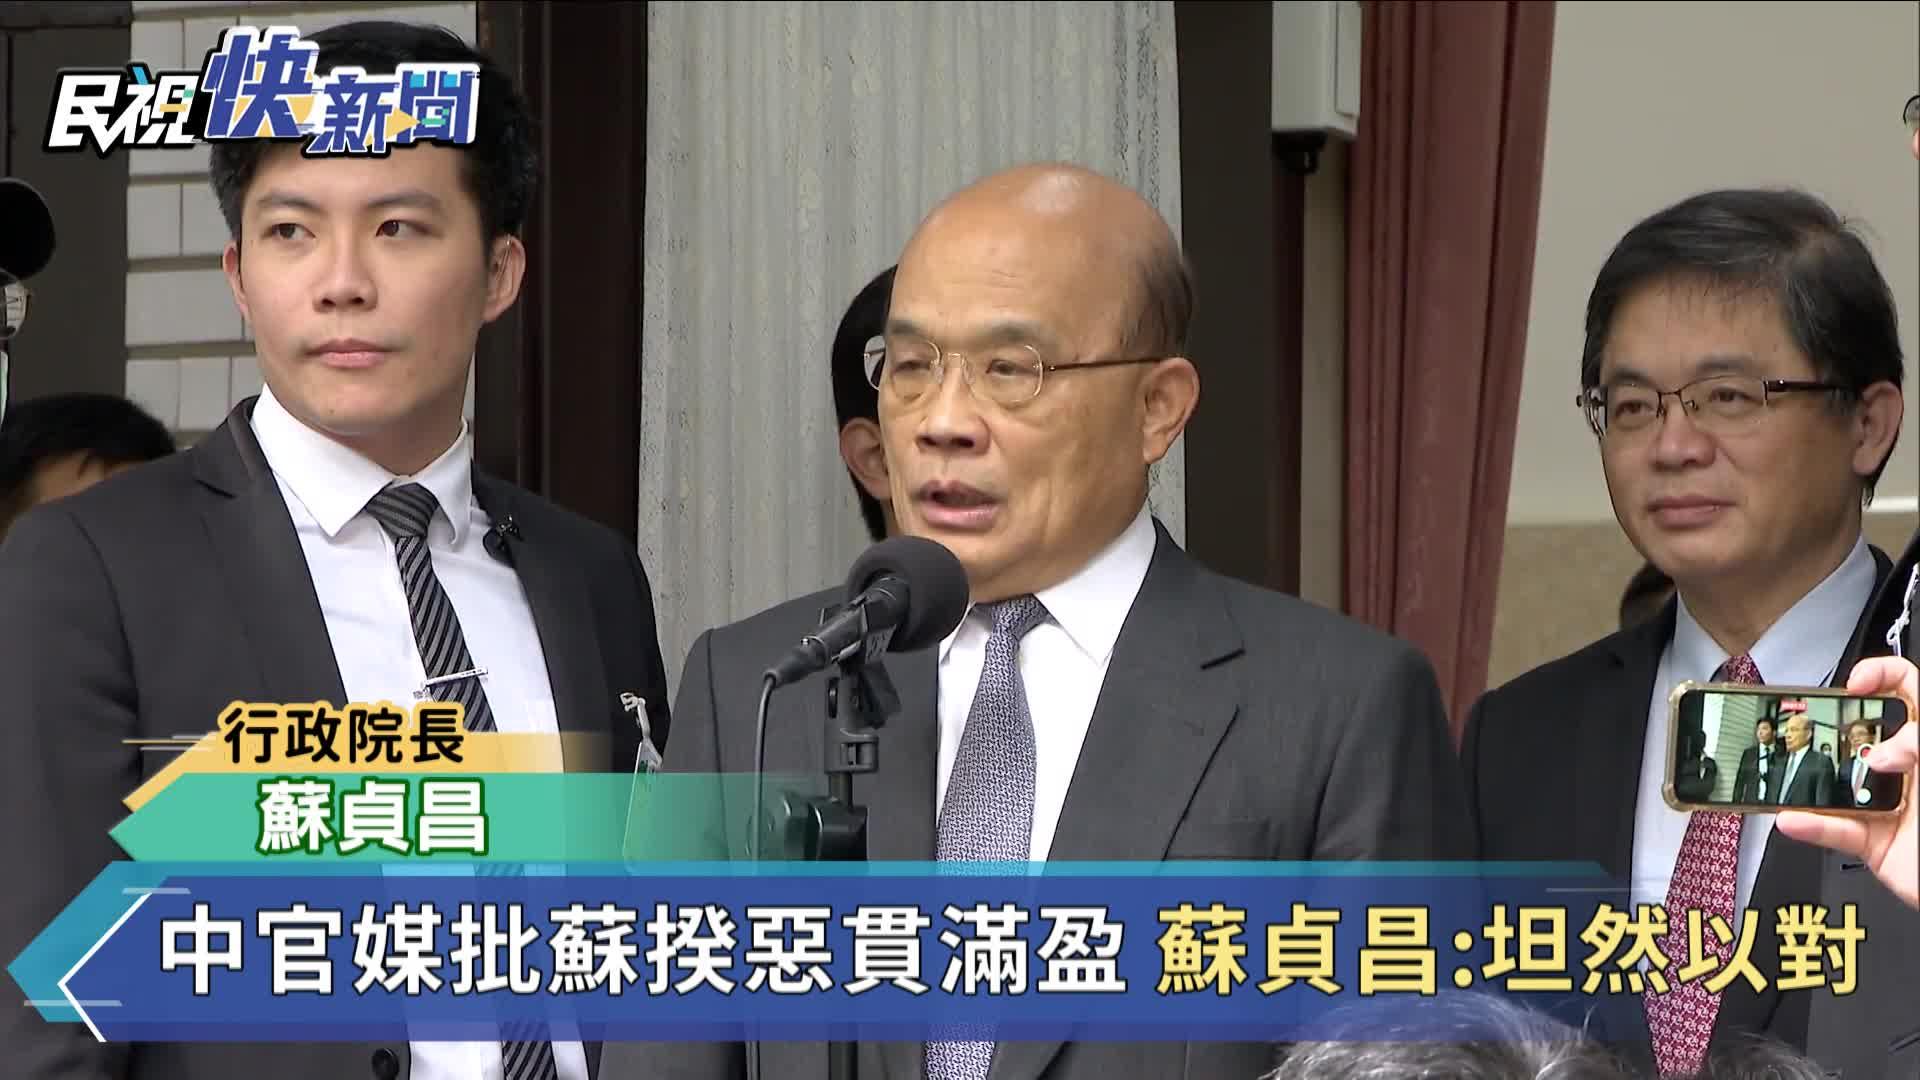 快新聞/美國環保署長確定訪台! 蘇貞昌證實:討論環保合作議題